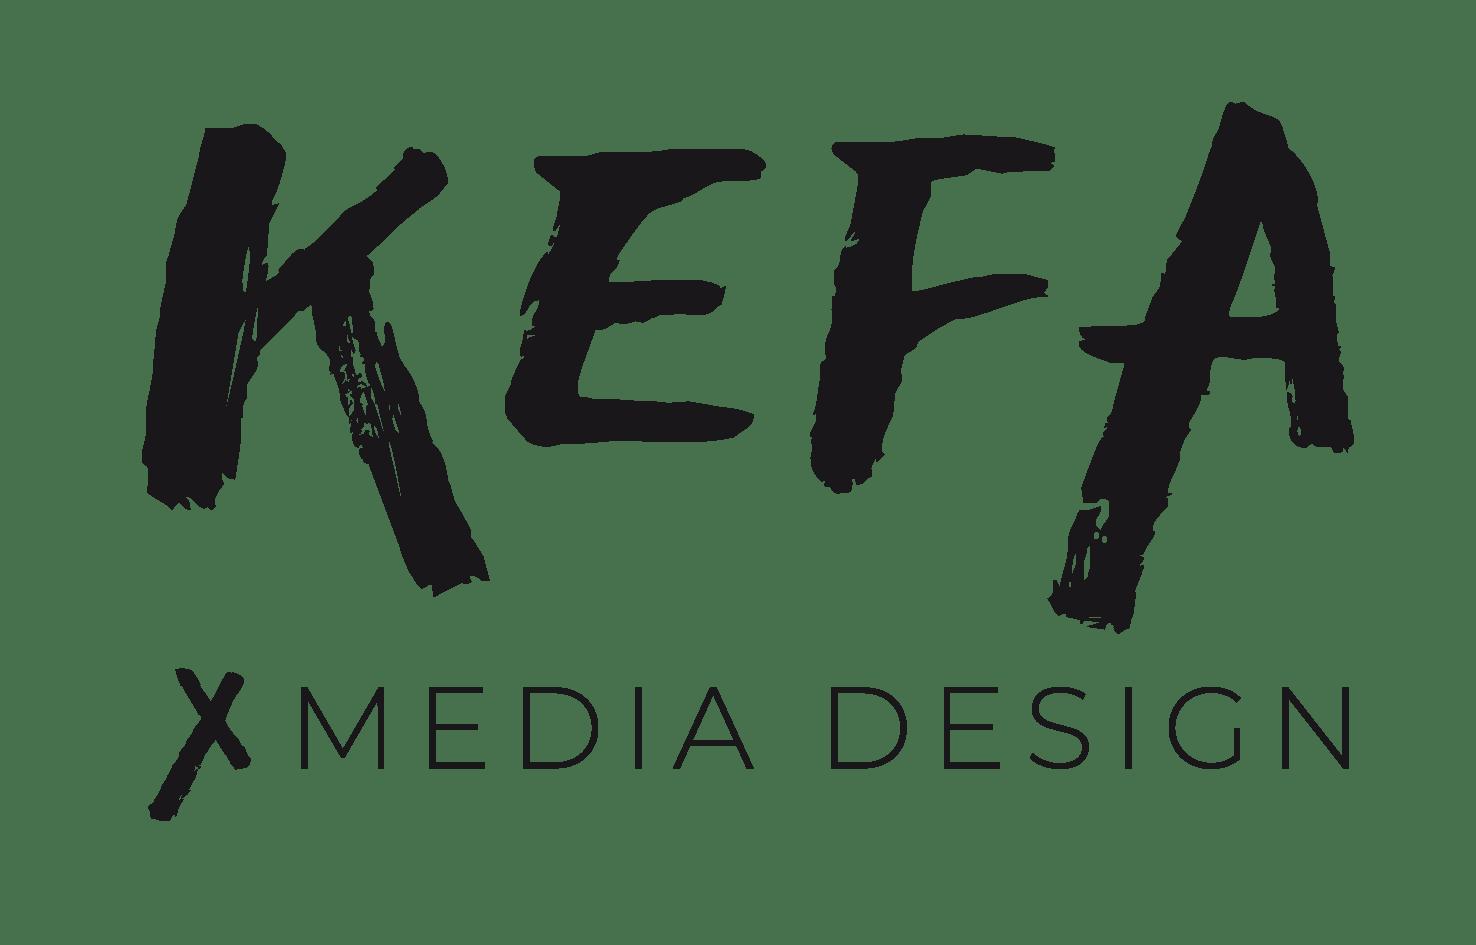 KEFA • Xmedia Design